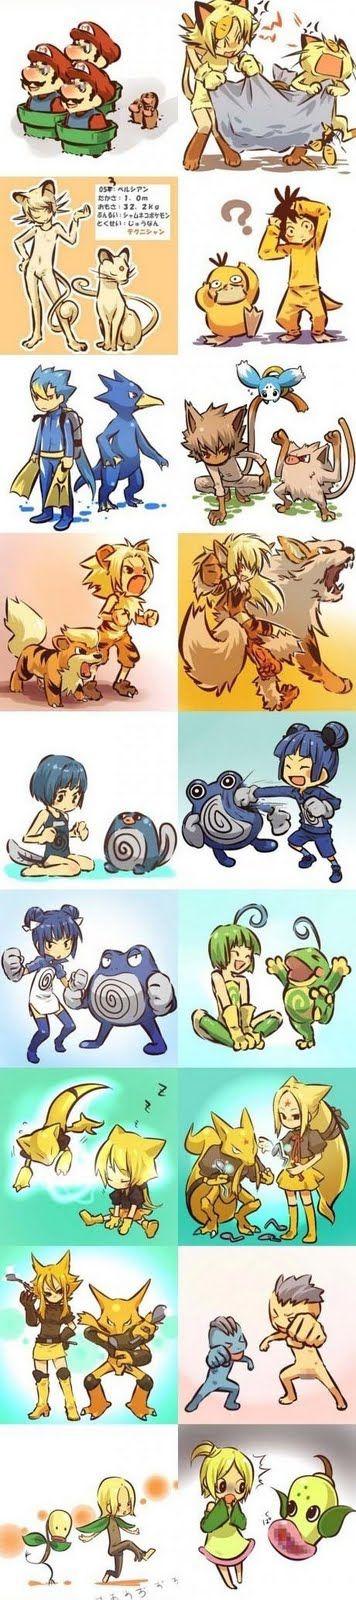 Pokemons e pessoas evoluídas e não evoluídas